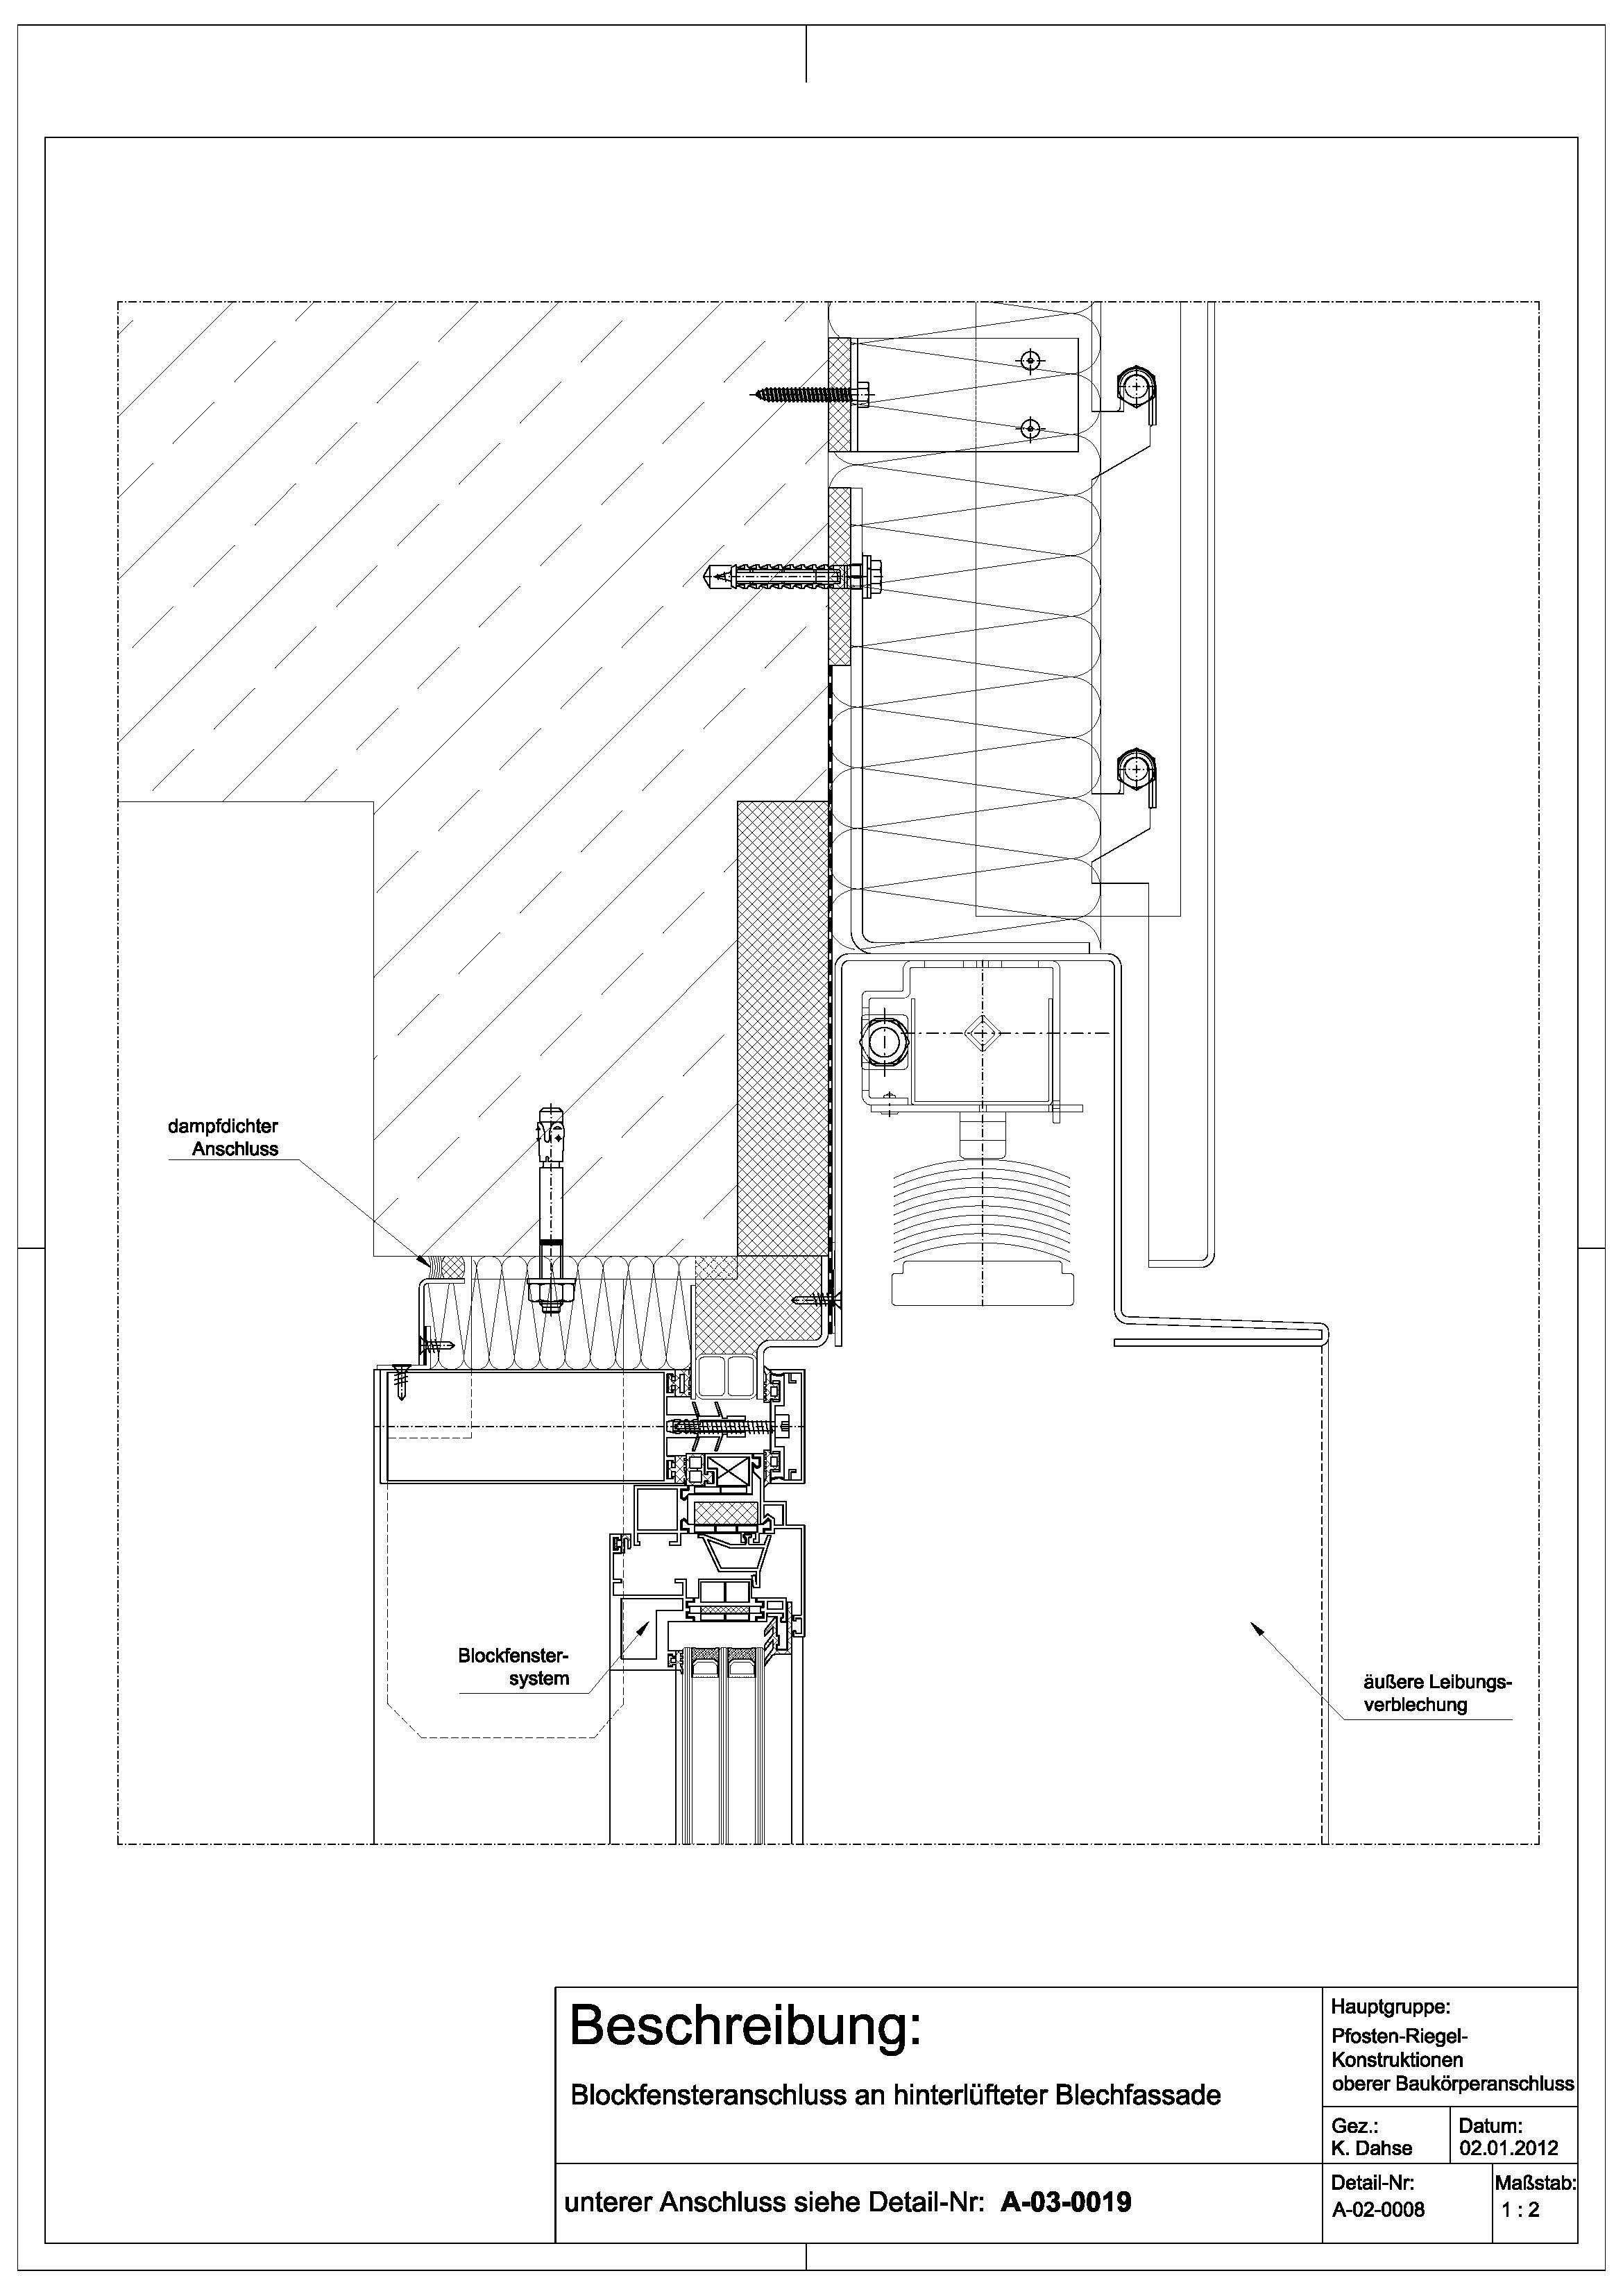 a 02 0008 blockfensteranschluss an hinterl ftete blechfassade detail pinterest architektur. Black Bedroom Furniture Sets. Home Design Ideas